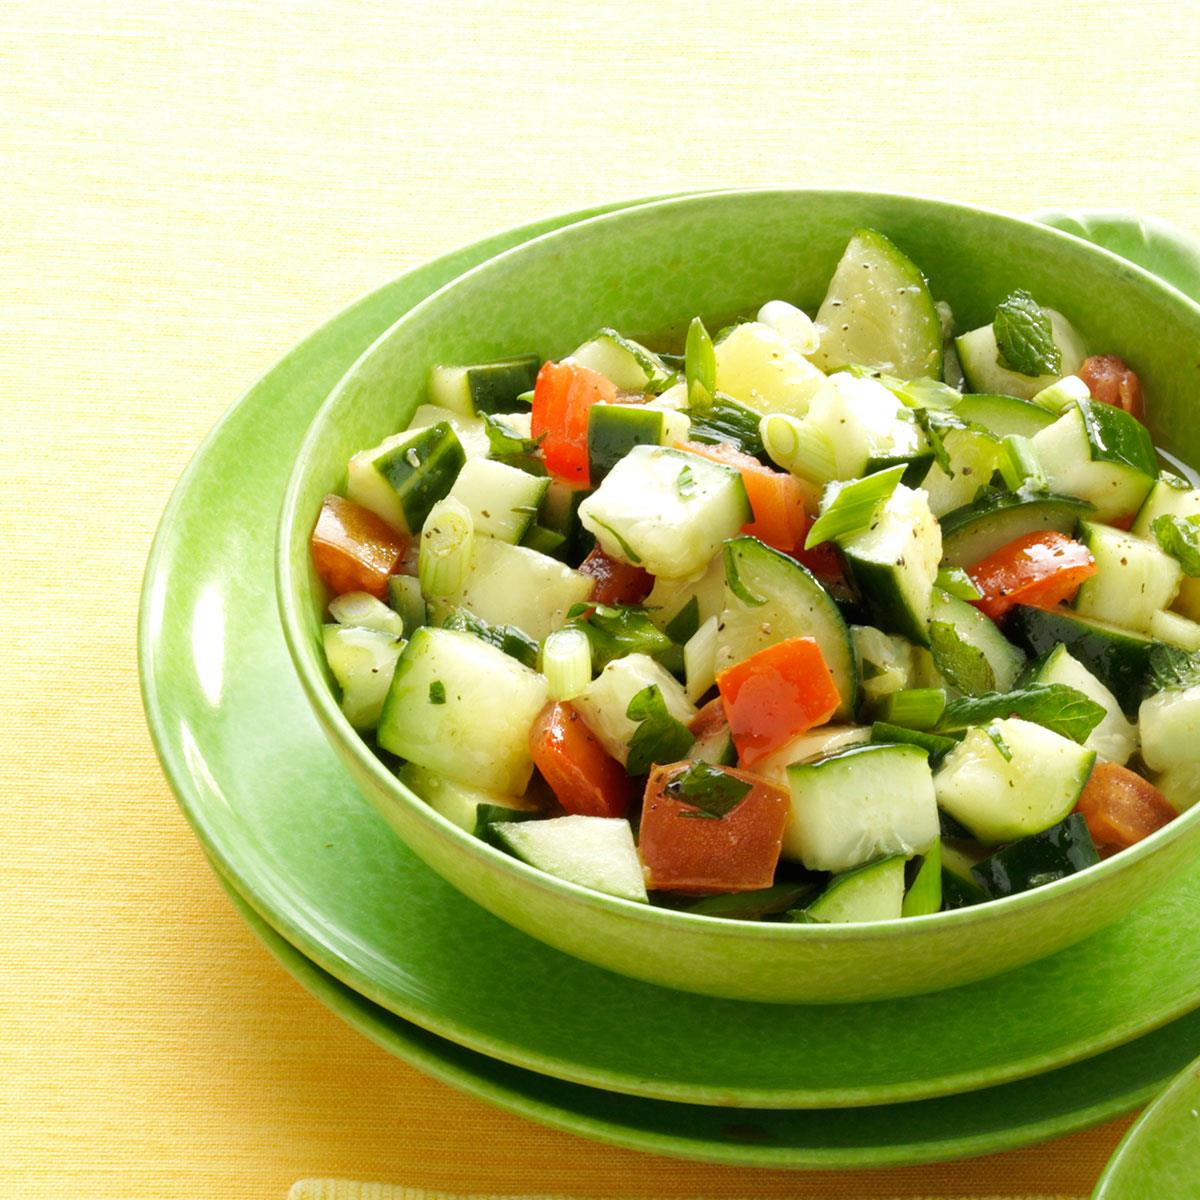 Cucumber Salad Recipe For Diabetics